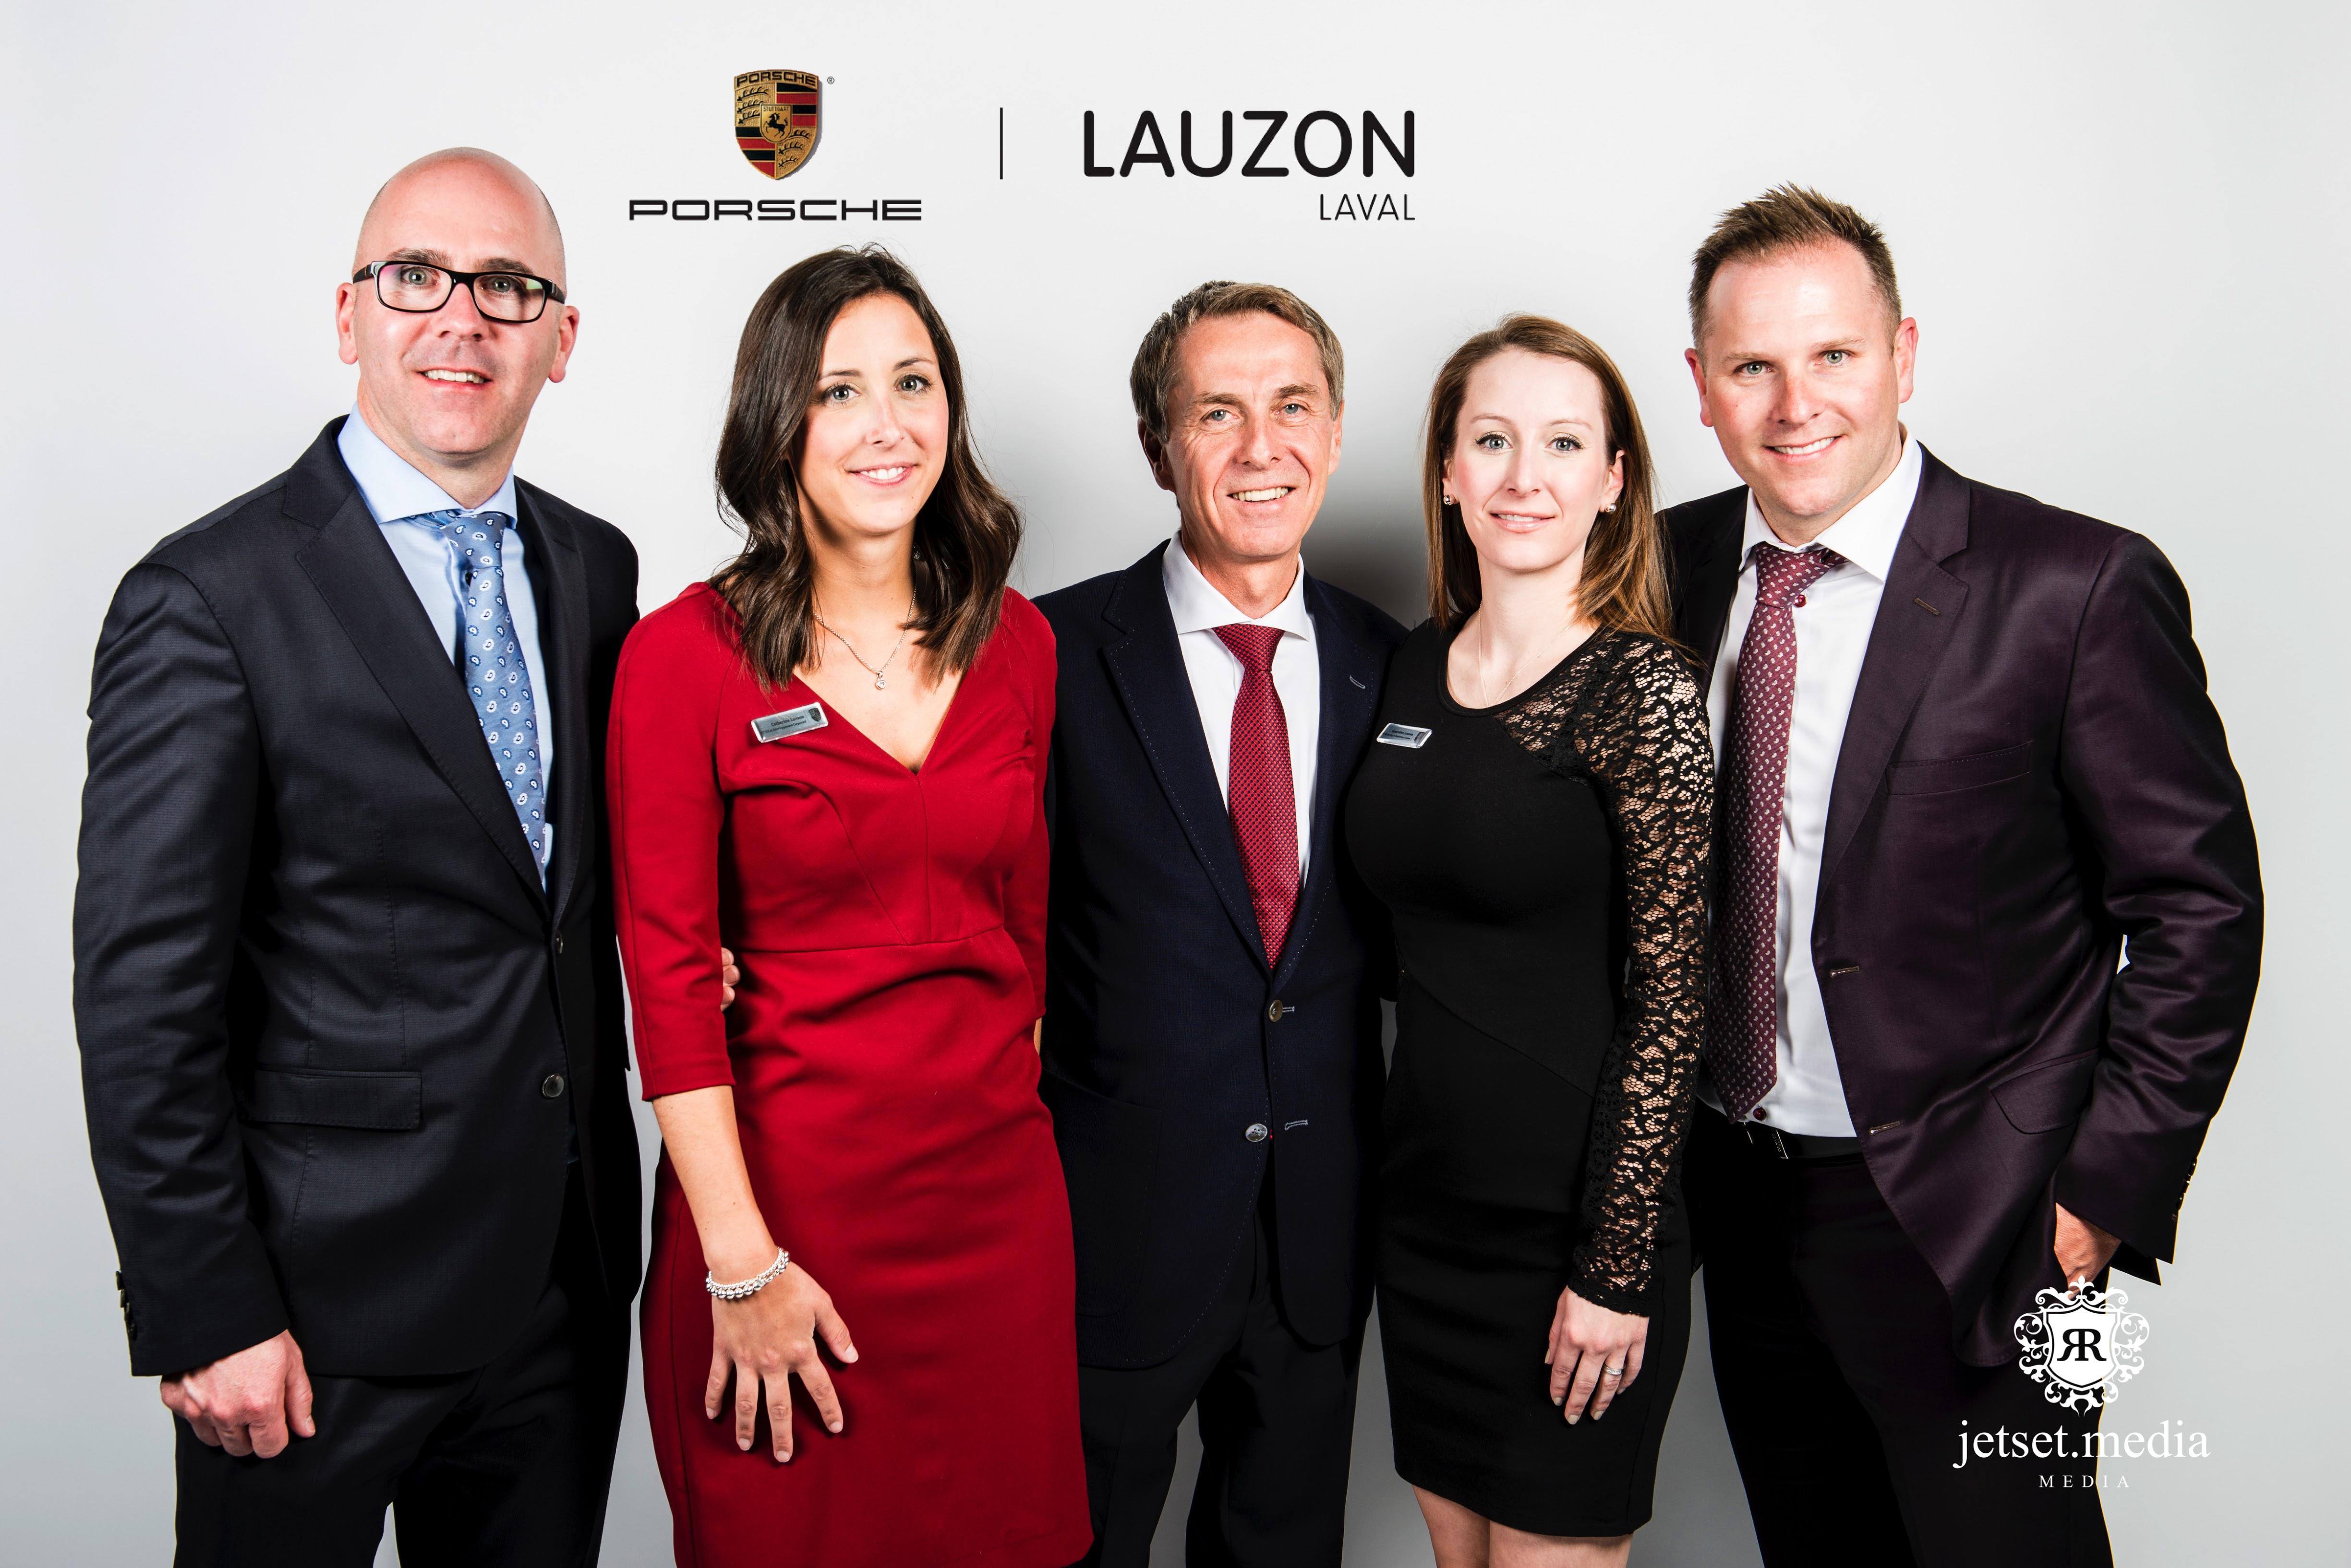 Porsche Lauzon Jetset-02709